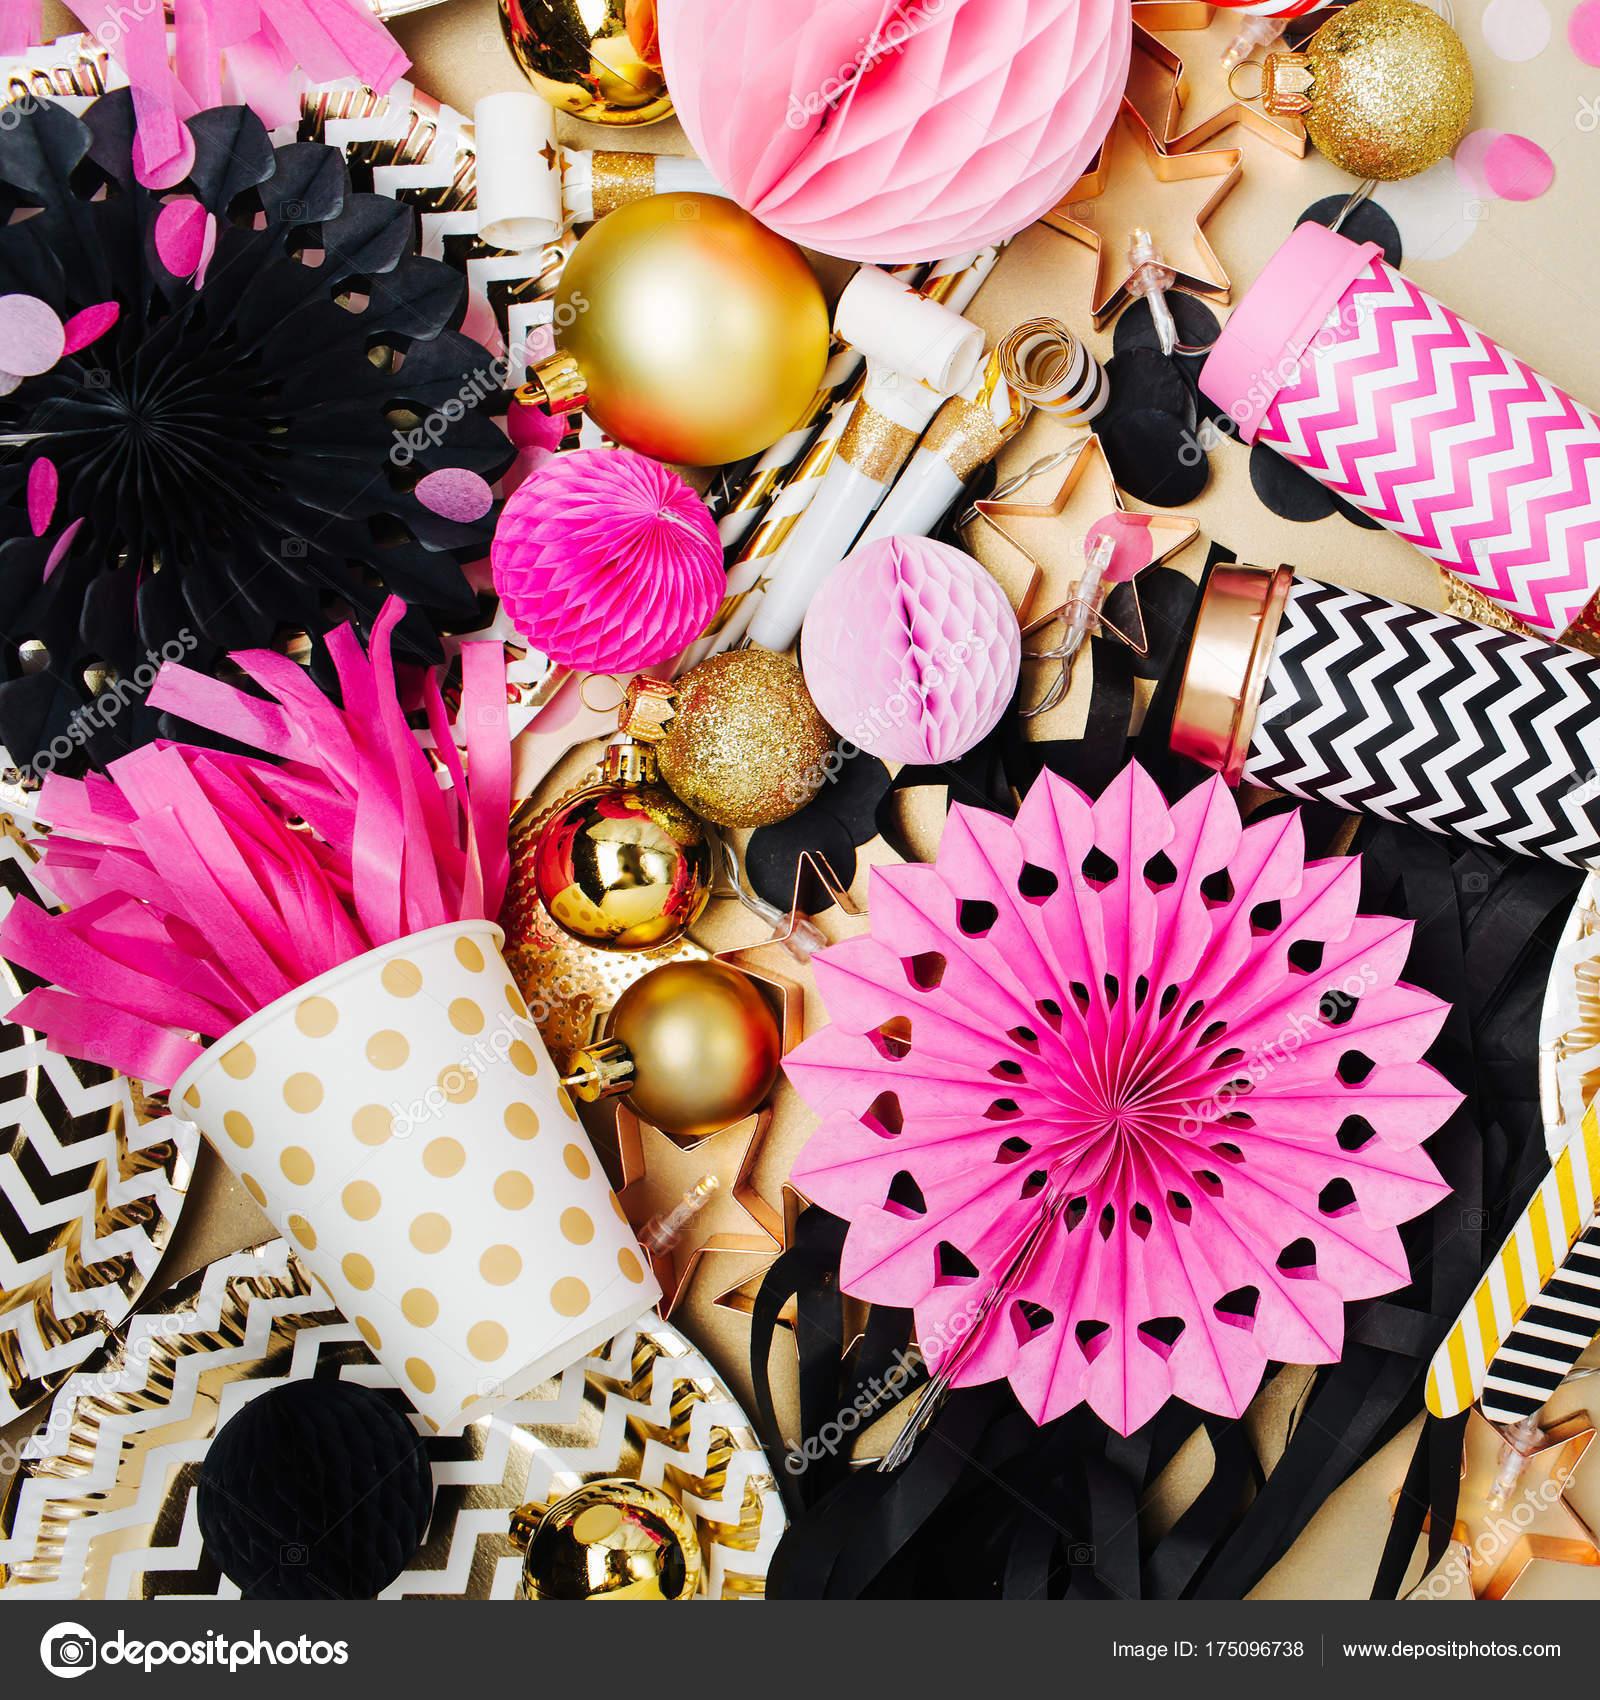 Fondo bolitas rosas fondo festiva decoraci n con bolas for Adornos navidenos 2017 trackid sp 006